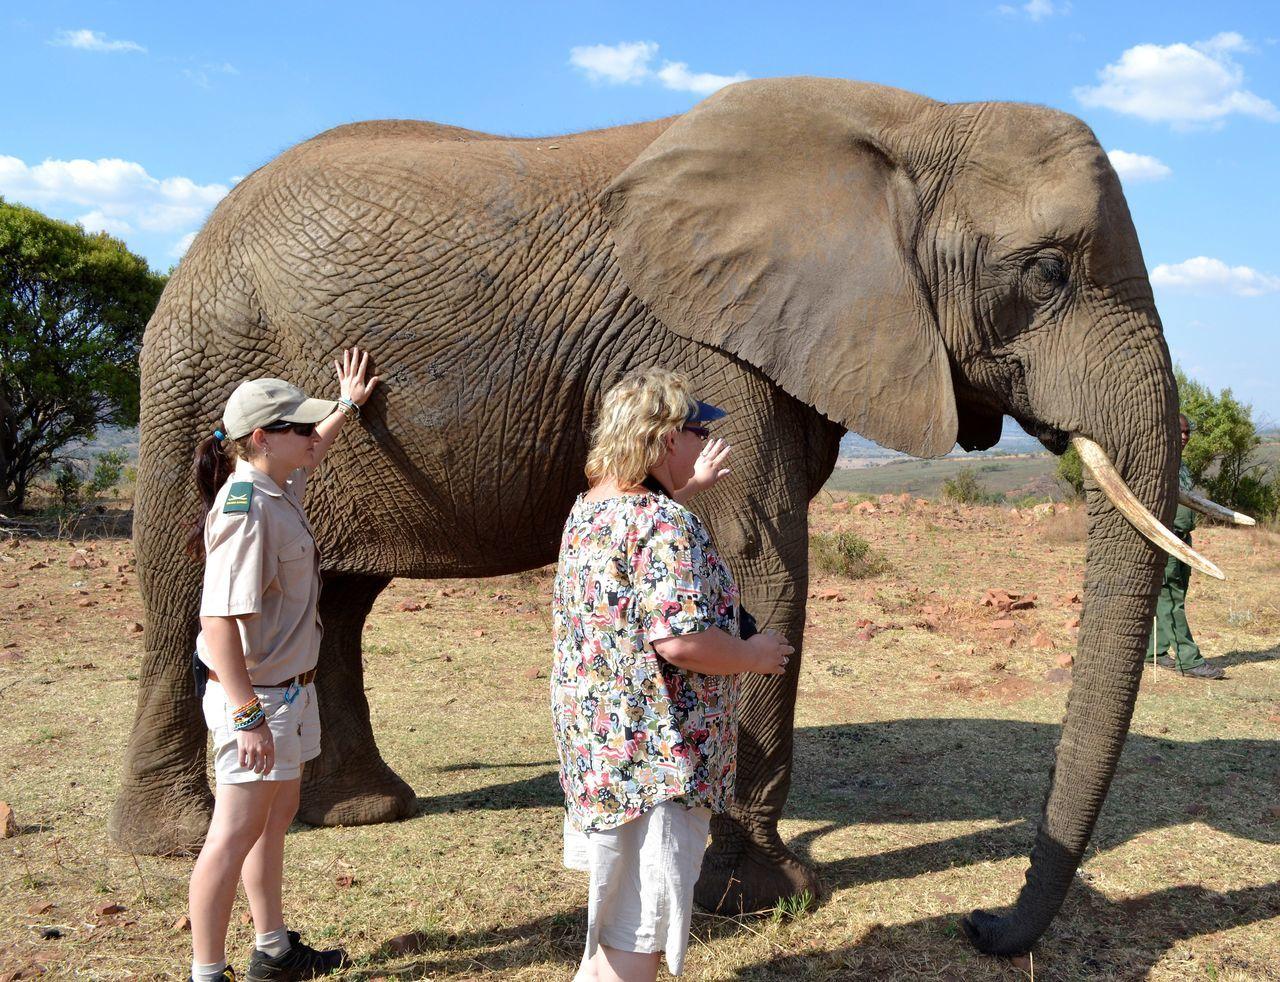 Beautiful stock photos of elefant, elephant, indian elephant, togetherness, outdoors